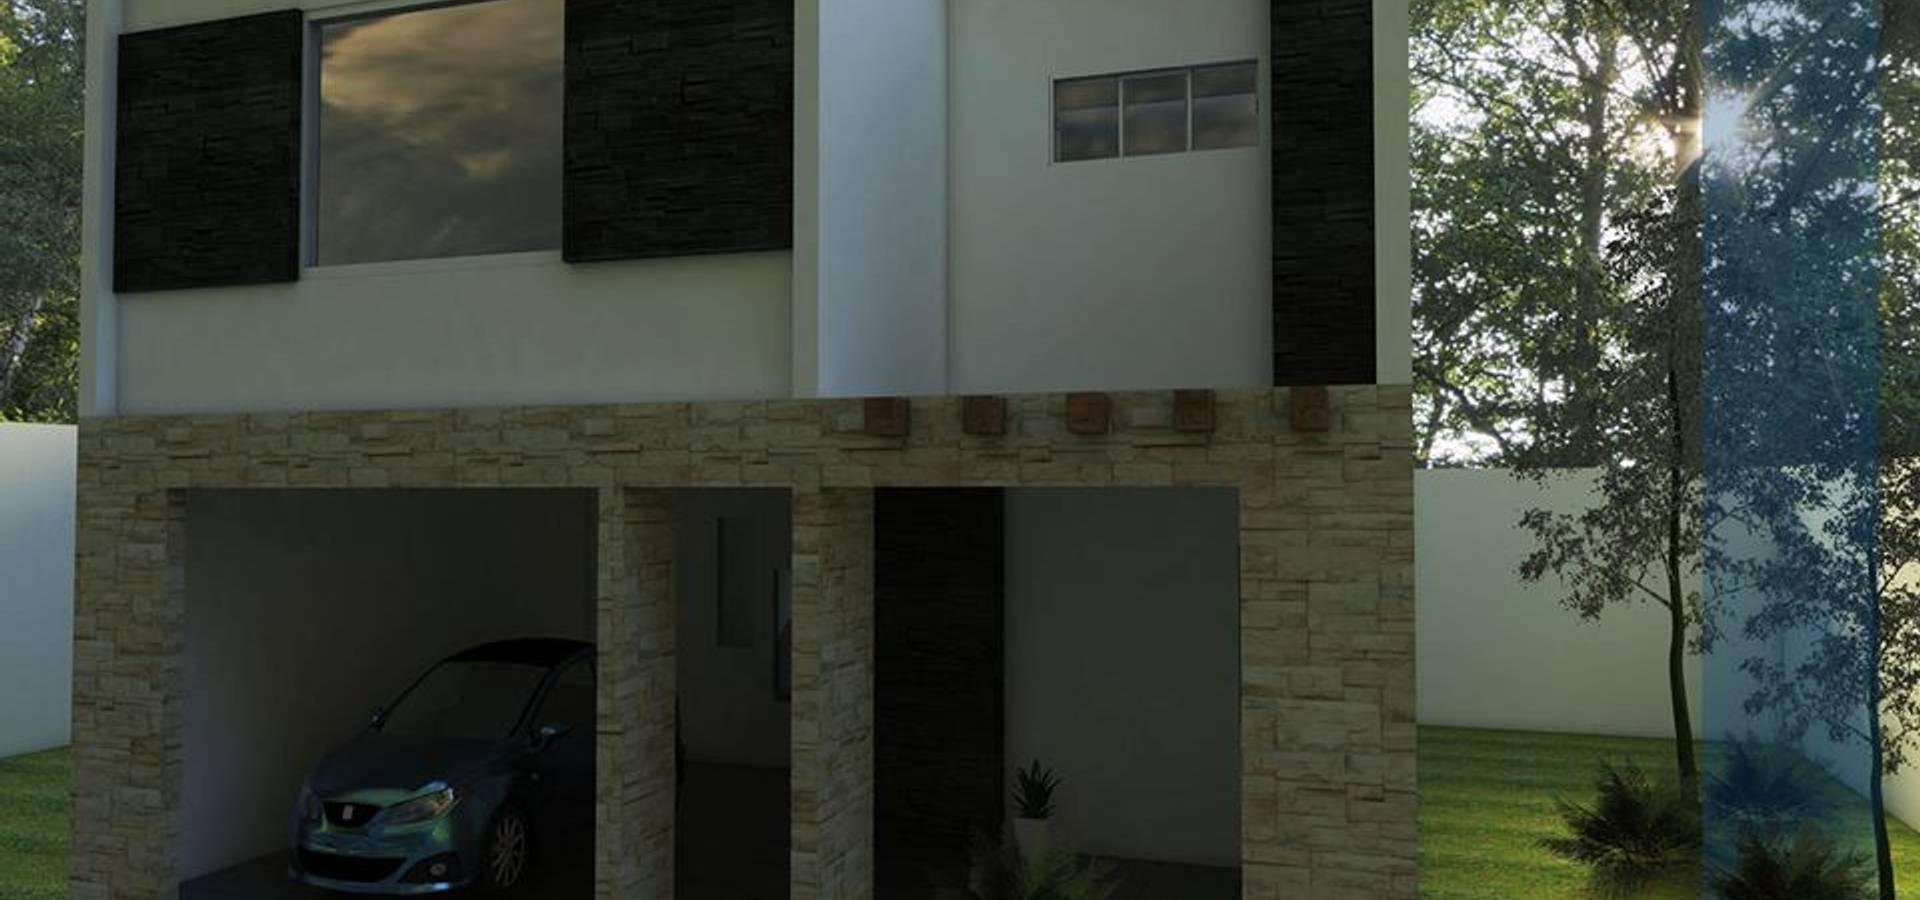 IH Architecture & Design